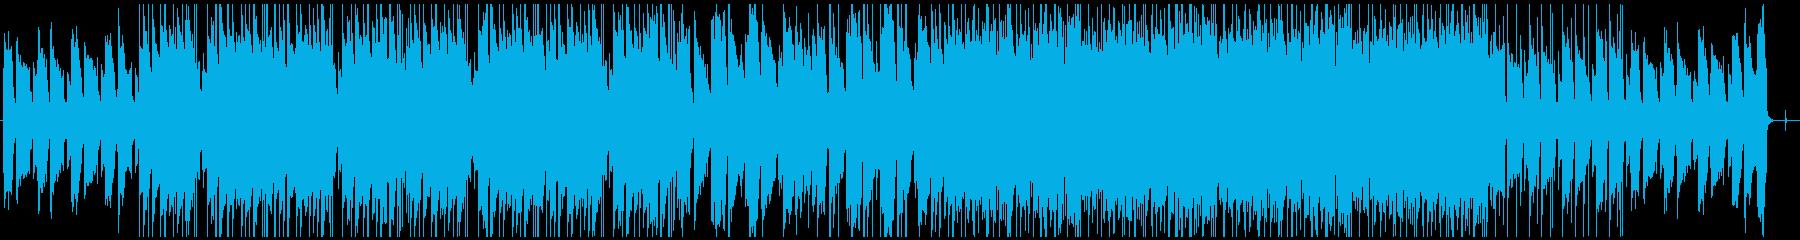 ギターとピアノのLofiヒップホップの再生済みの波形